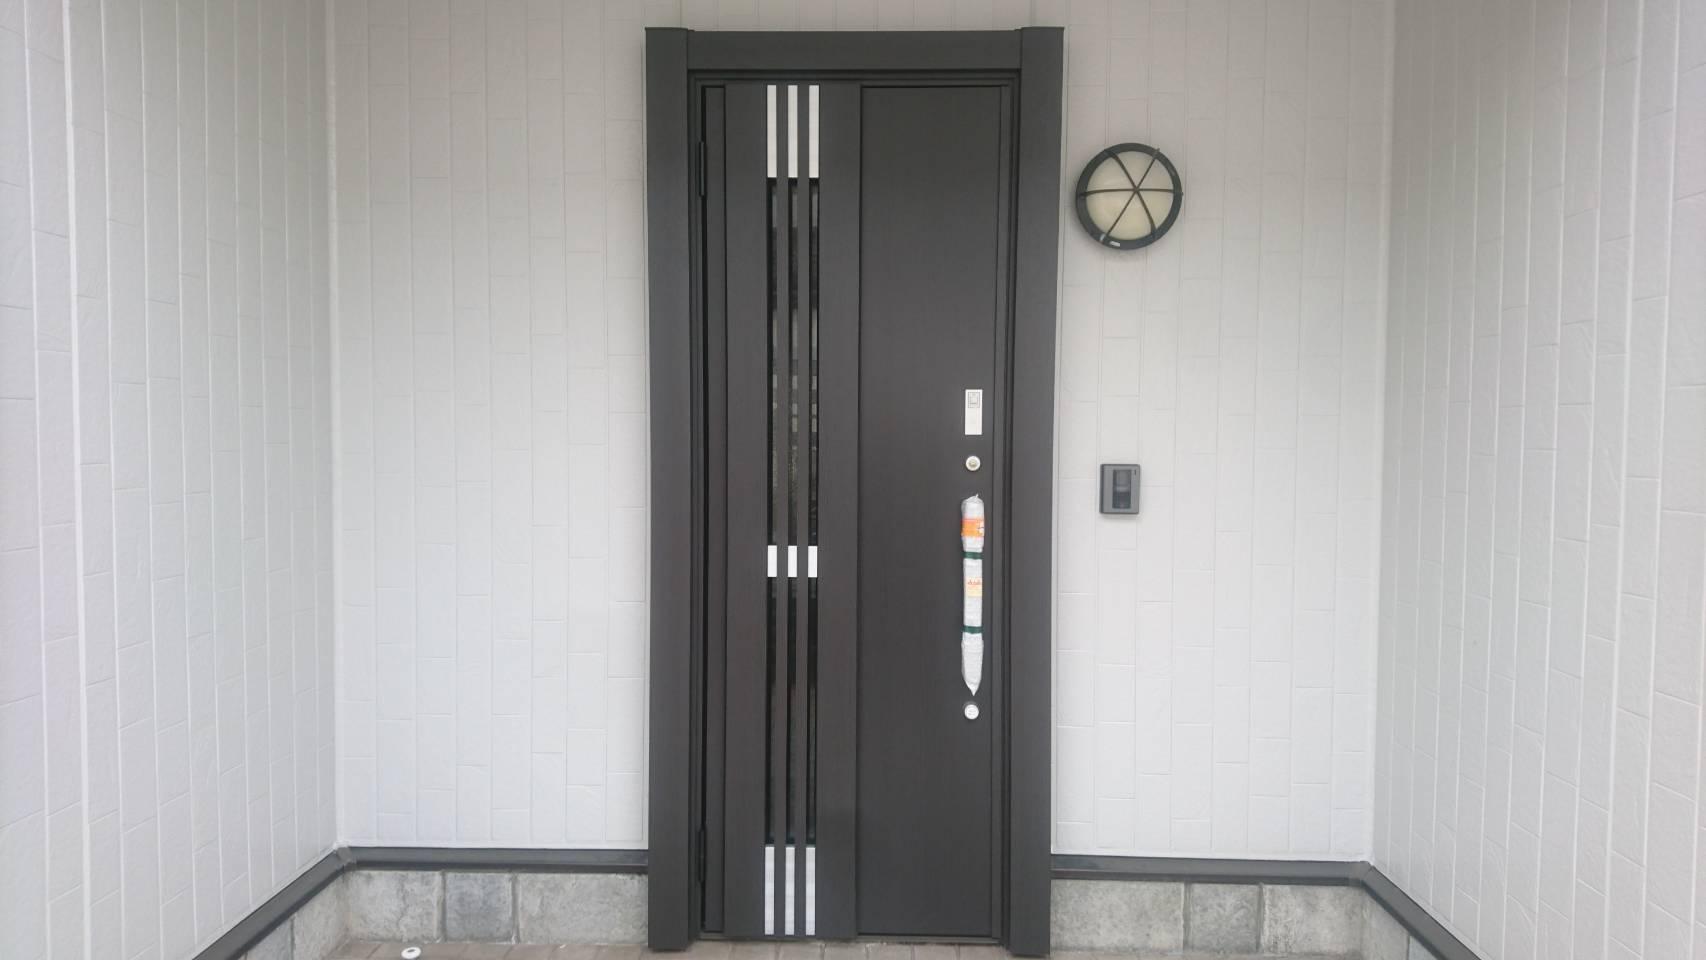 シーエス建材トーヨー住器の玄関ドア リシェント 交換工事の施工事例写真